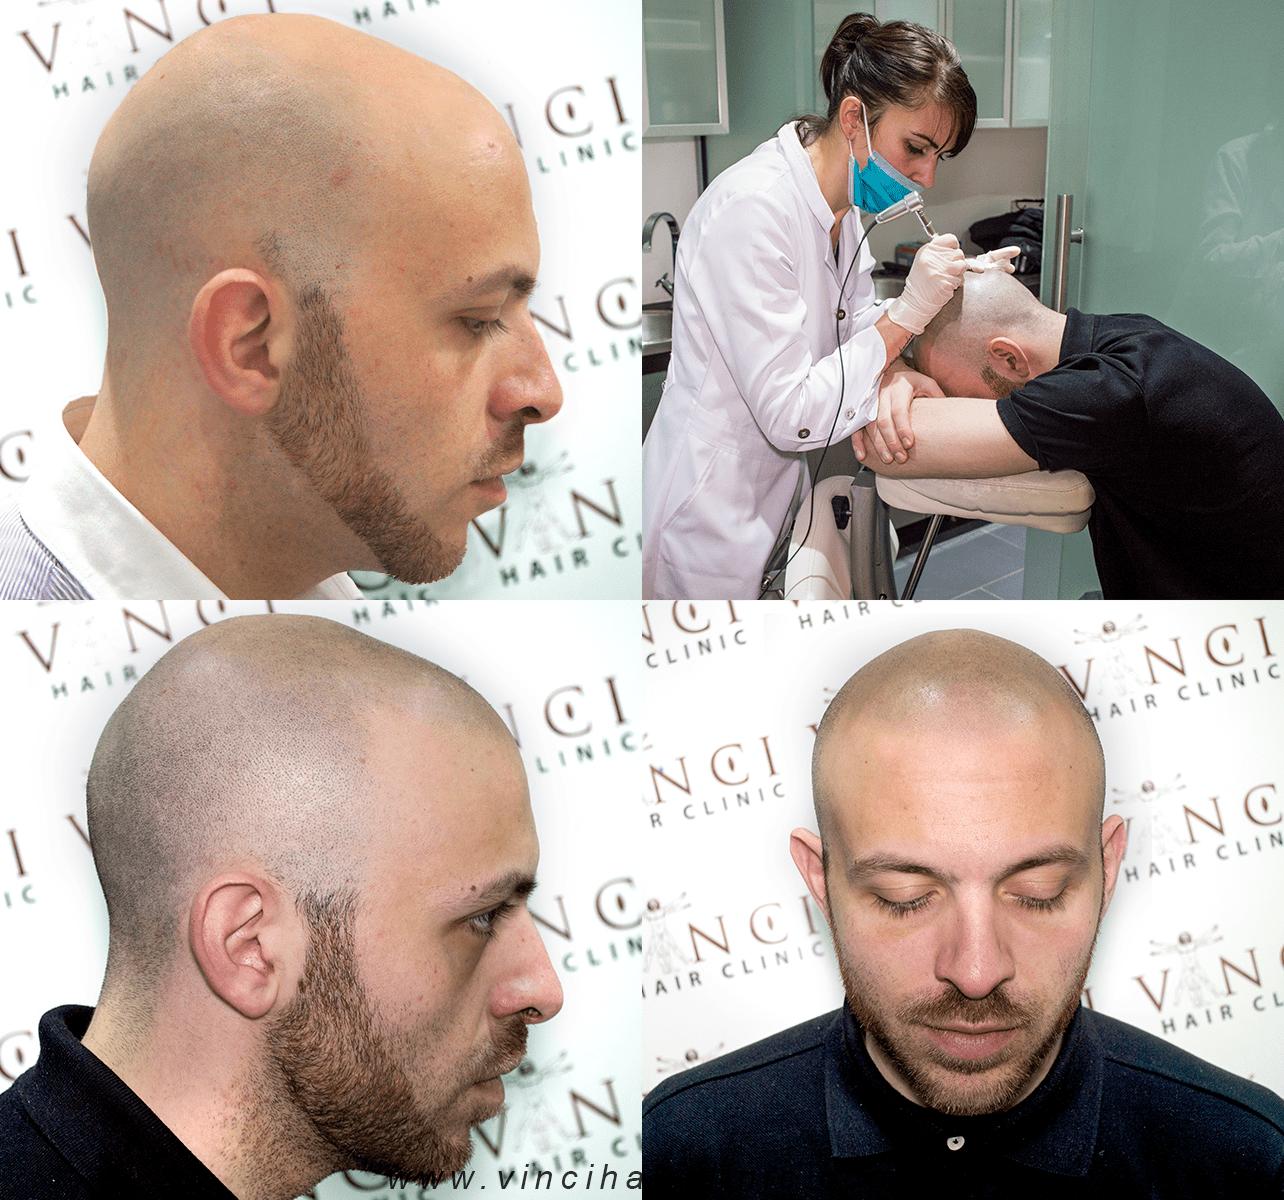 مركز لحل مشاكل الشعر في الرياض